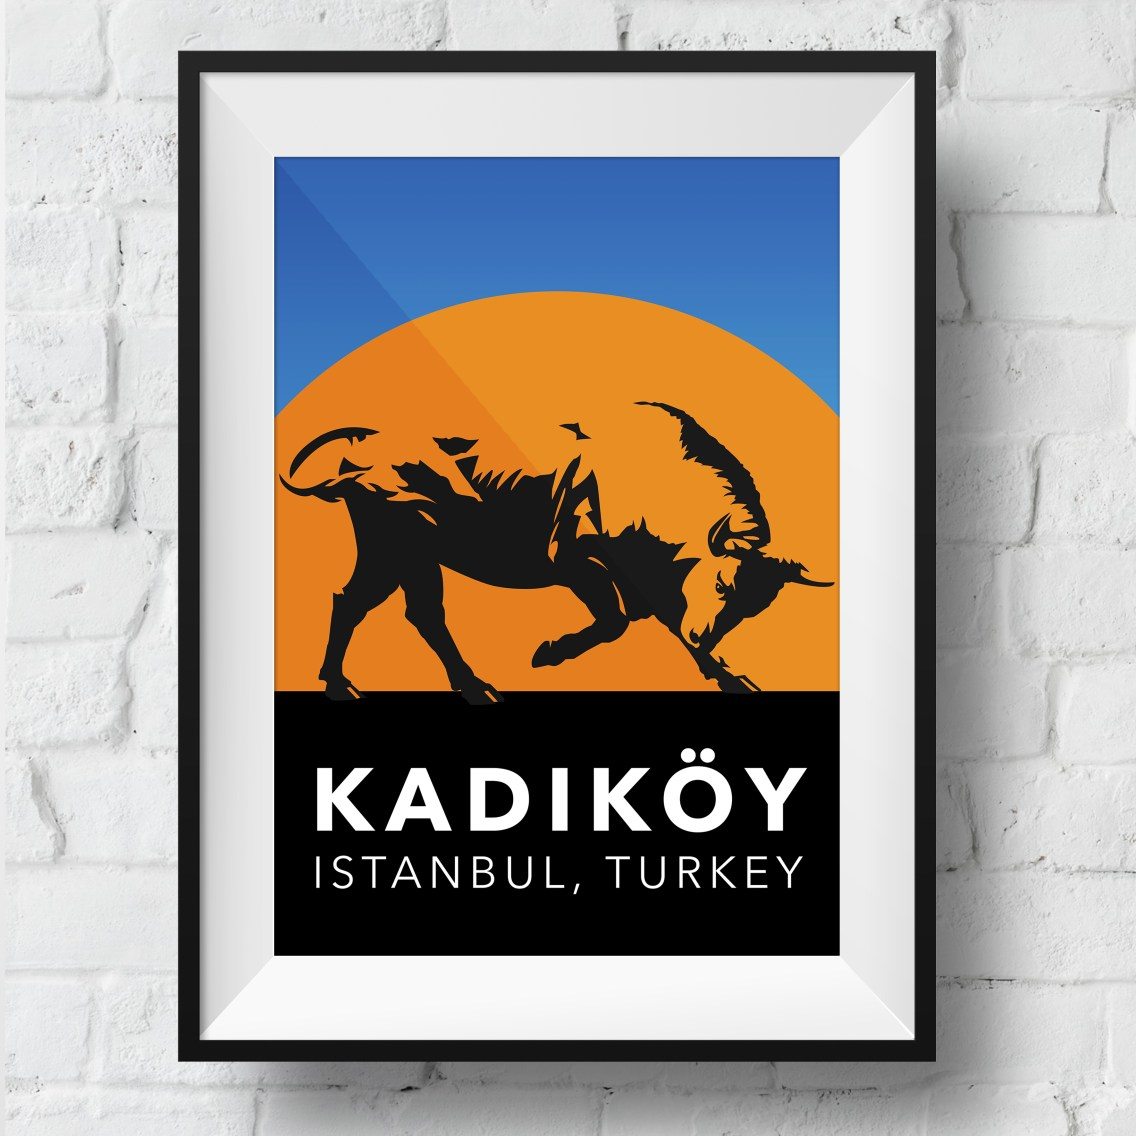 kadikoy-bull-poster-framed